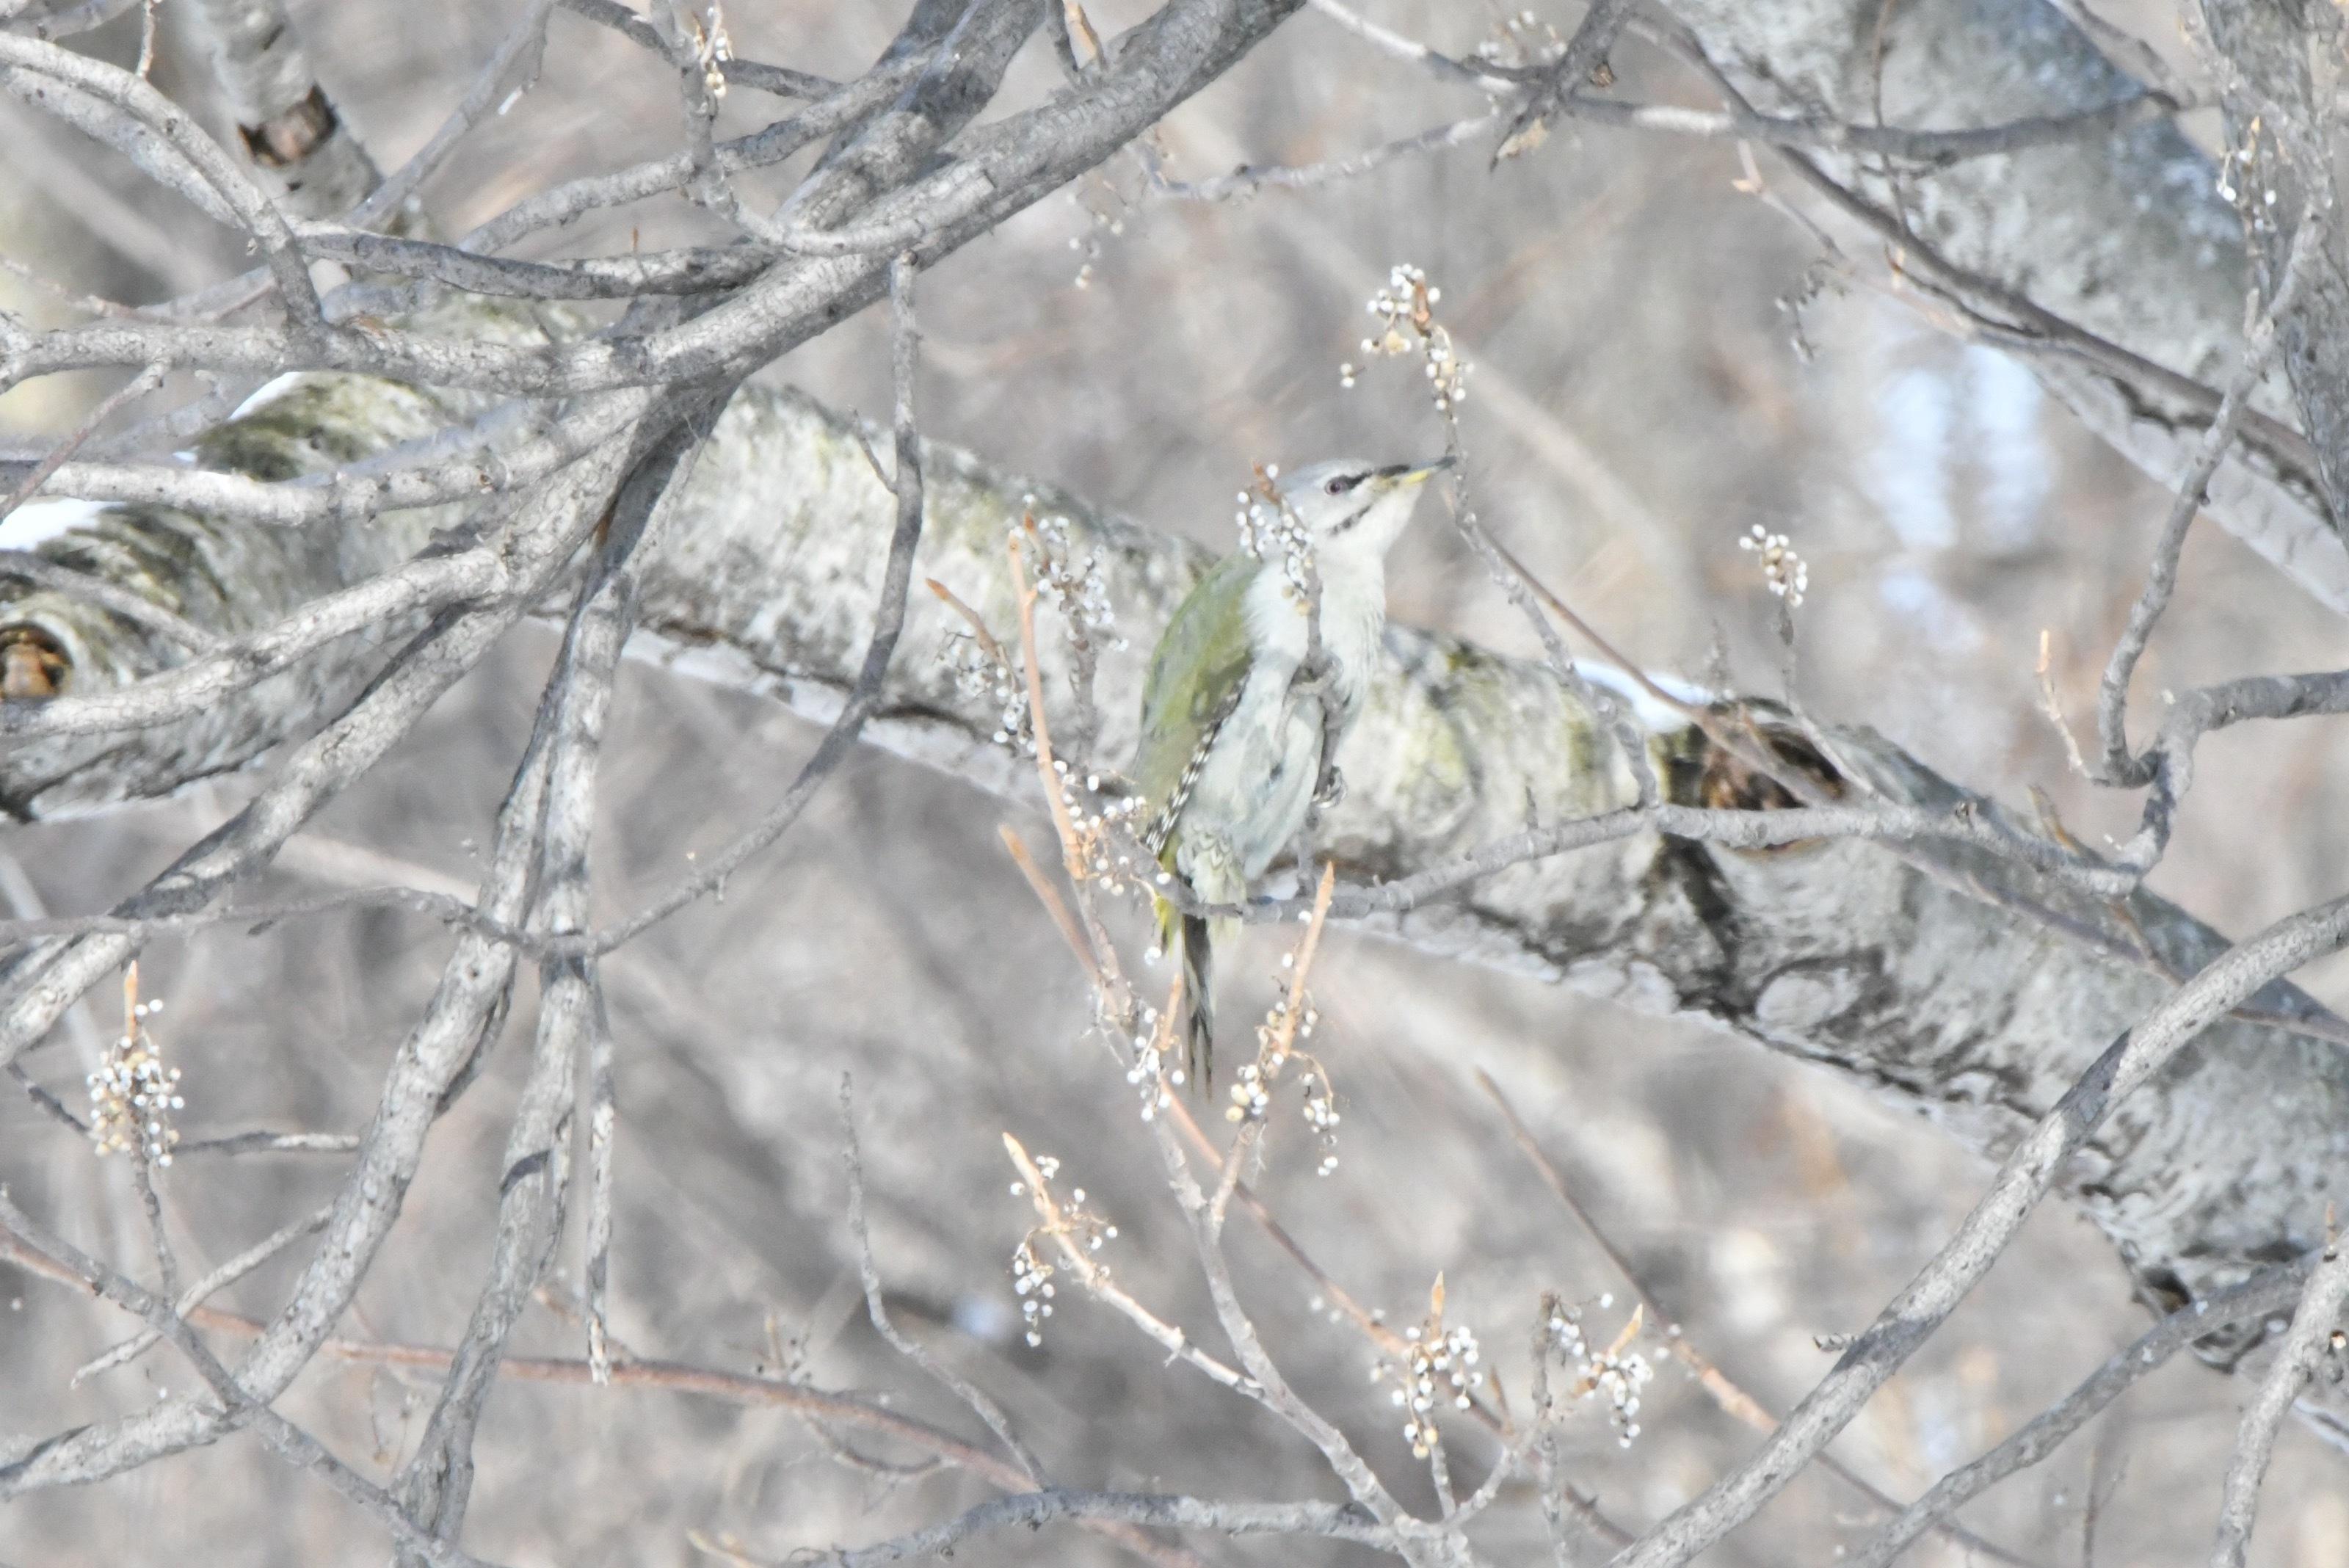 ウルシの実を食べるヤマゲラ雌